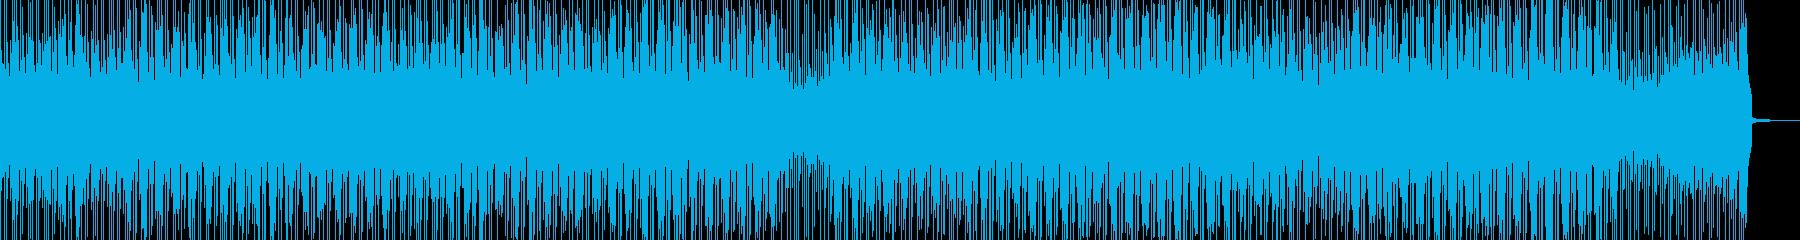 ピクニック・お出かけシーンを彩るポップBの再生済みの波形